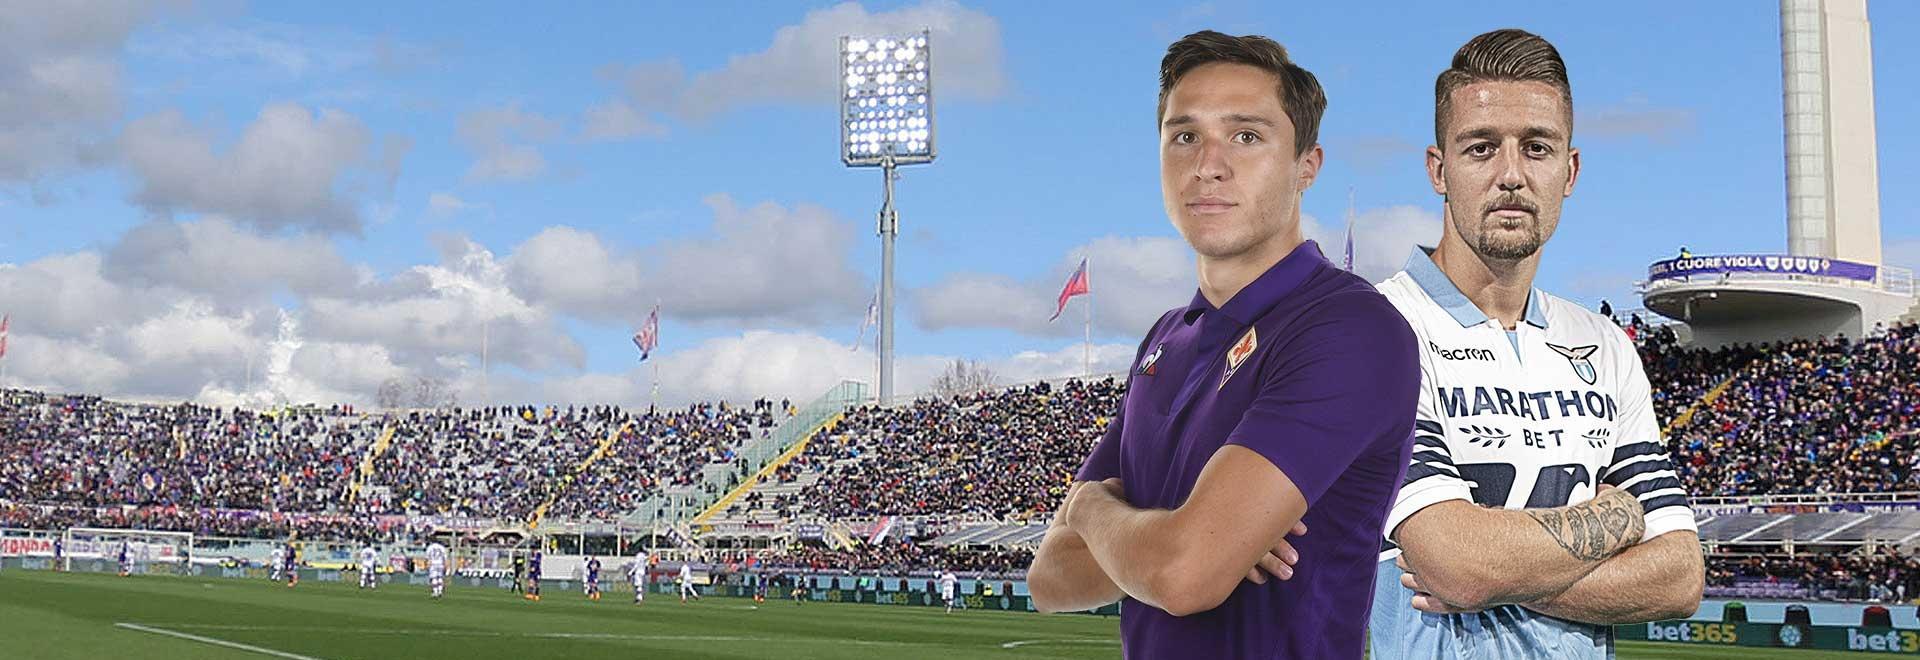 Fiorentina - Lazio. 27a g.